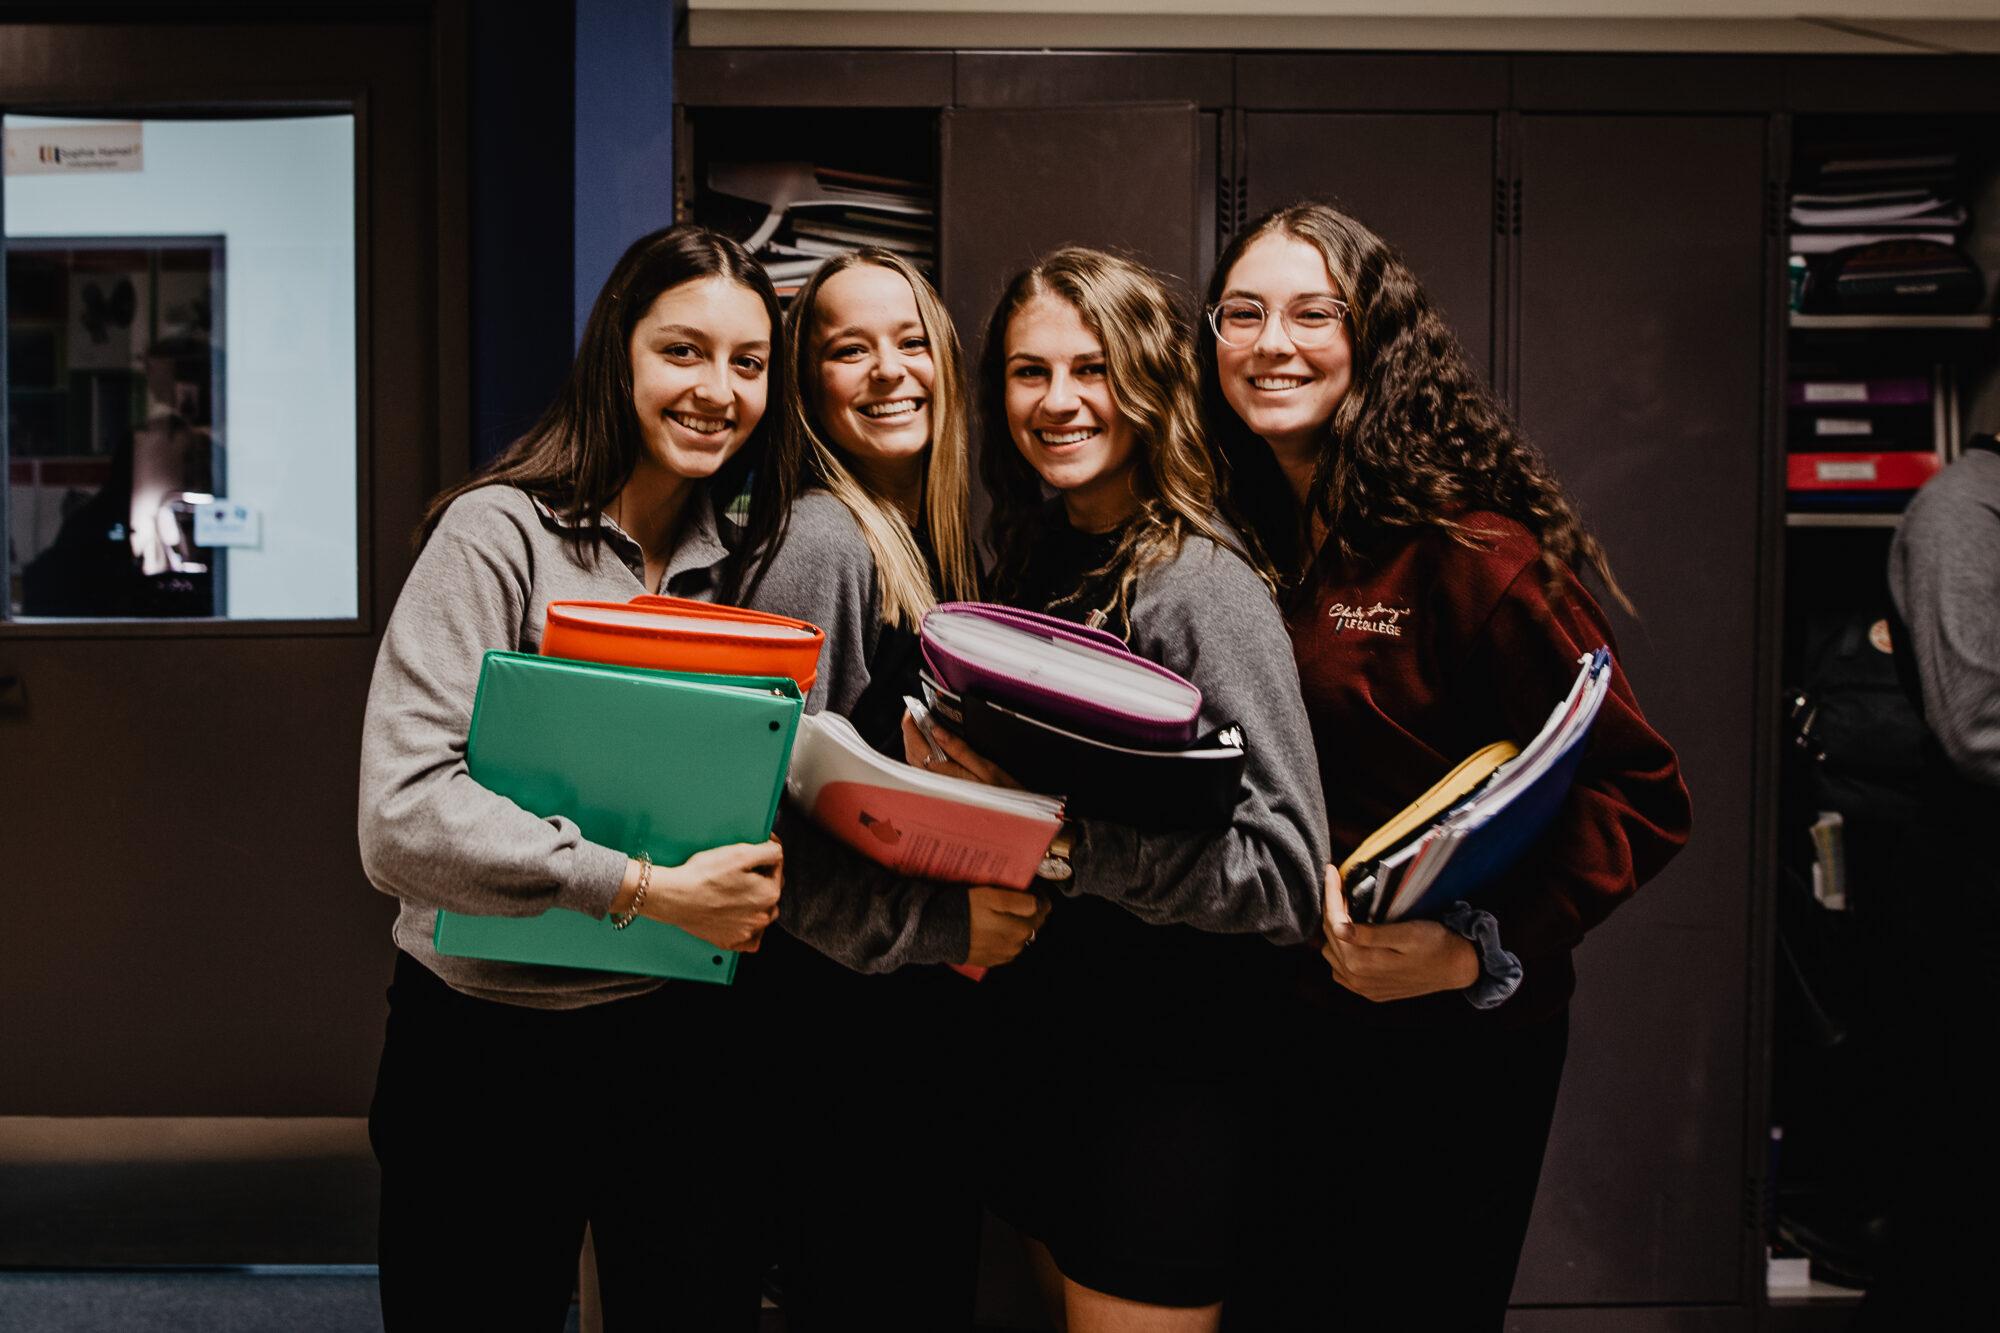 Image étudiantes souriantes devant casiers